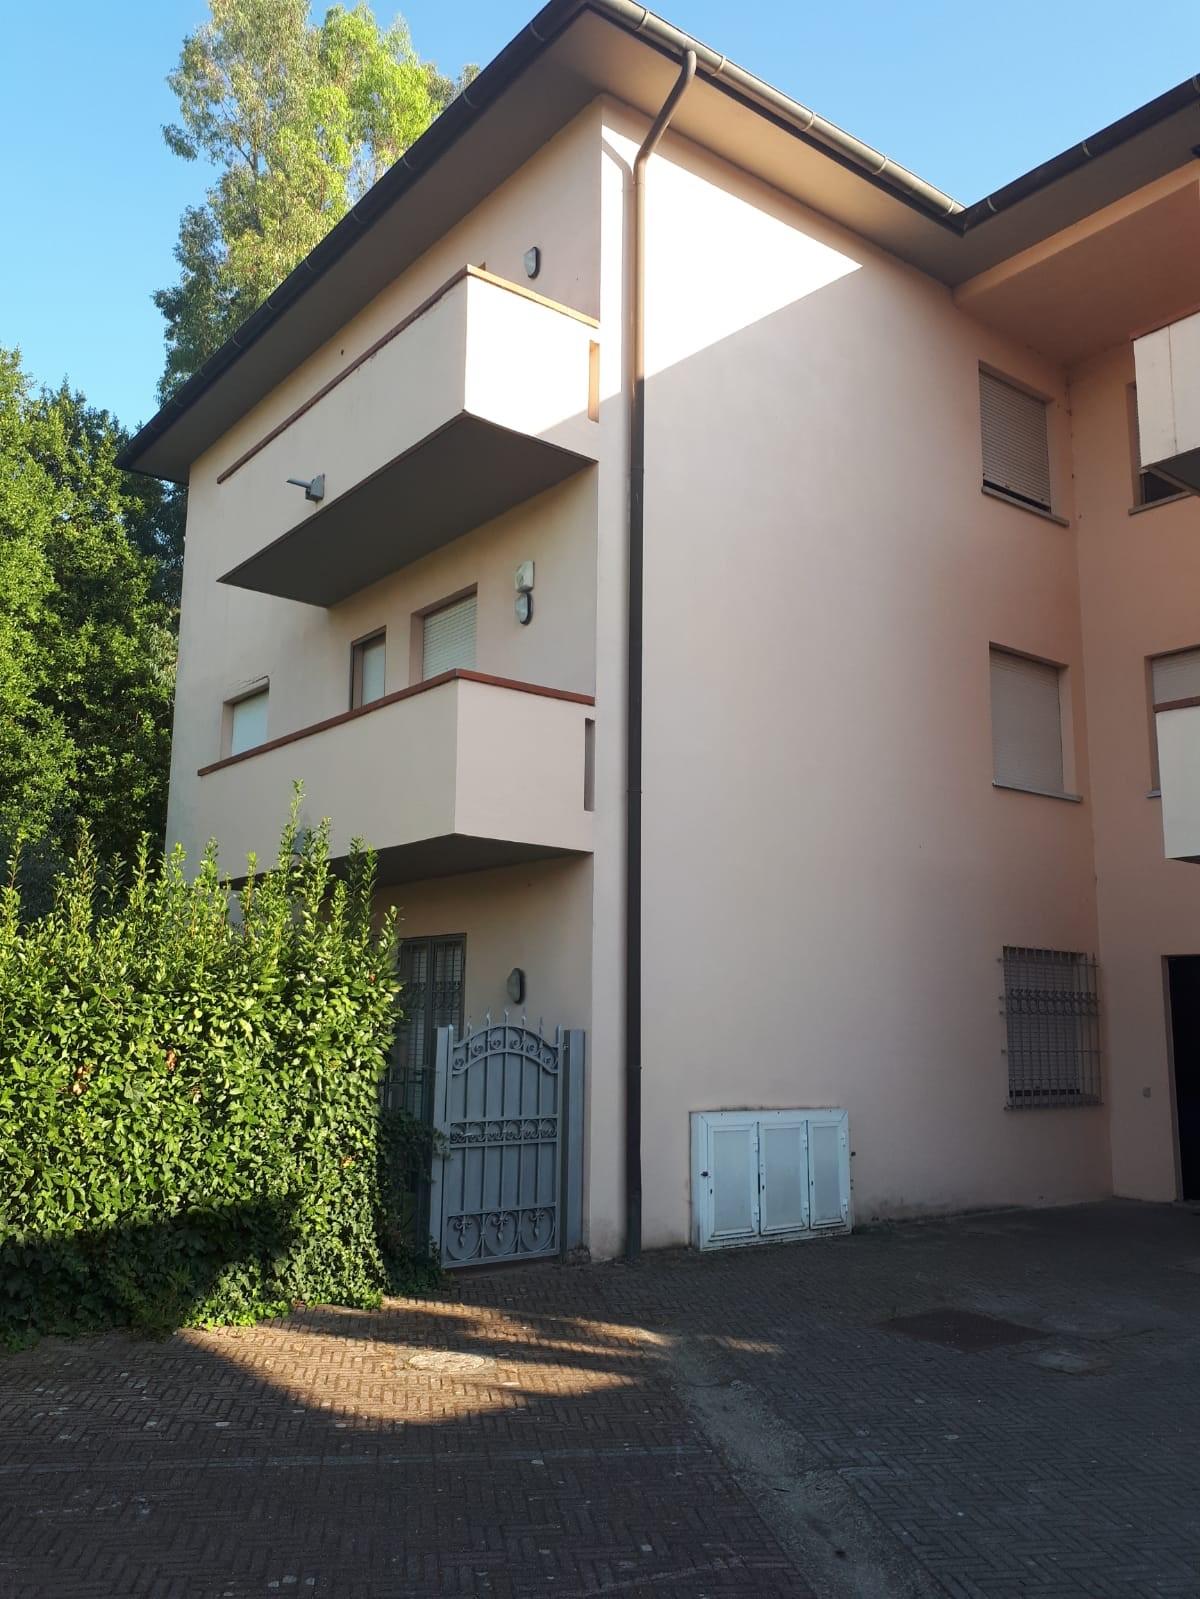 Appartamento in vendita a Avane – Vecchiano